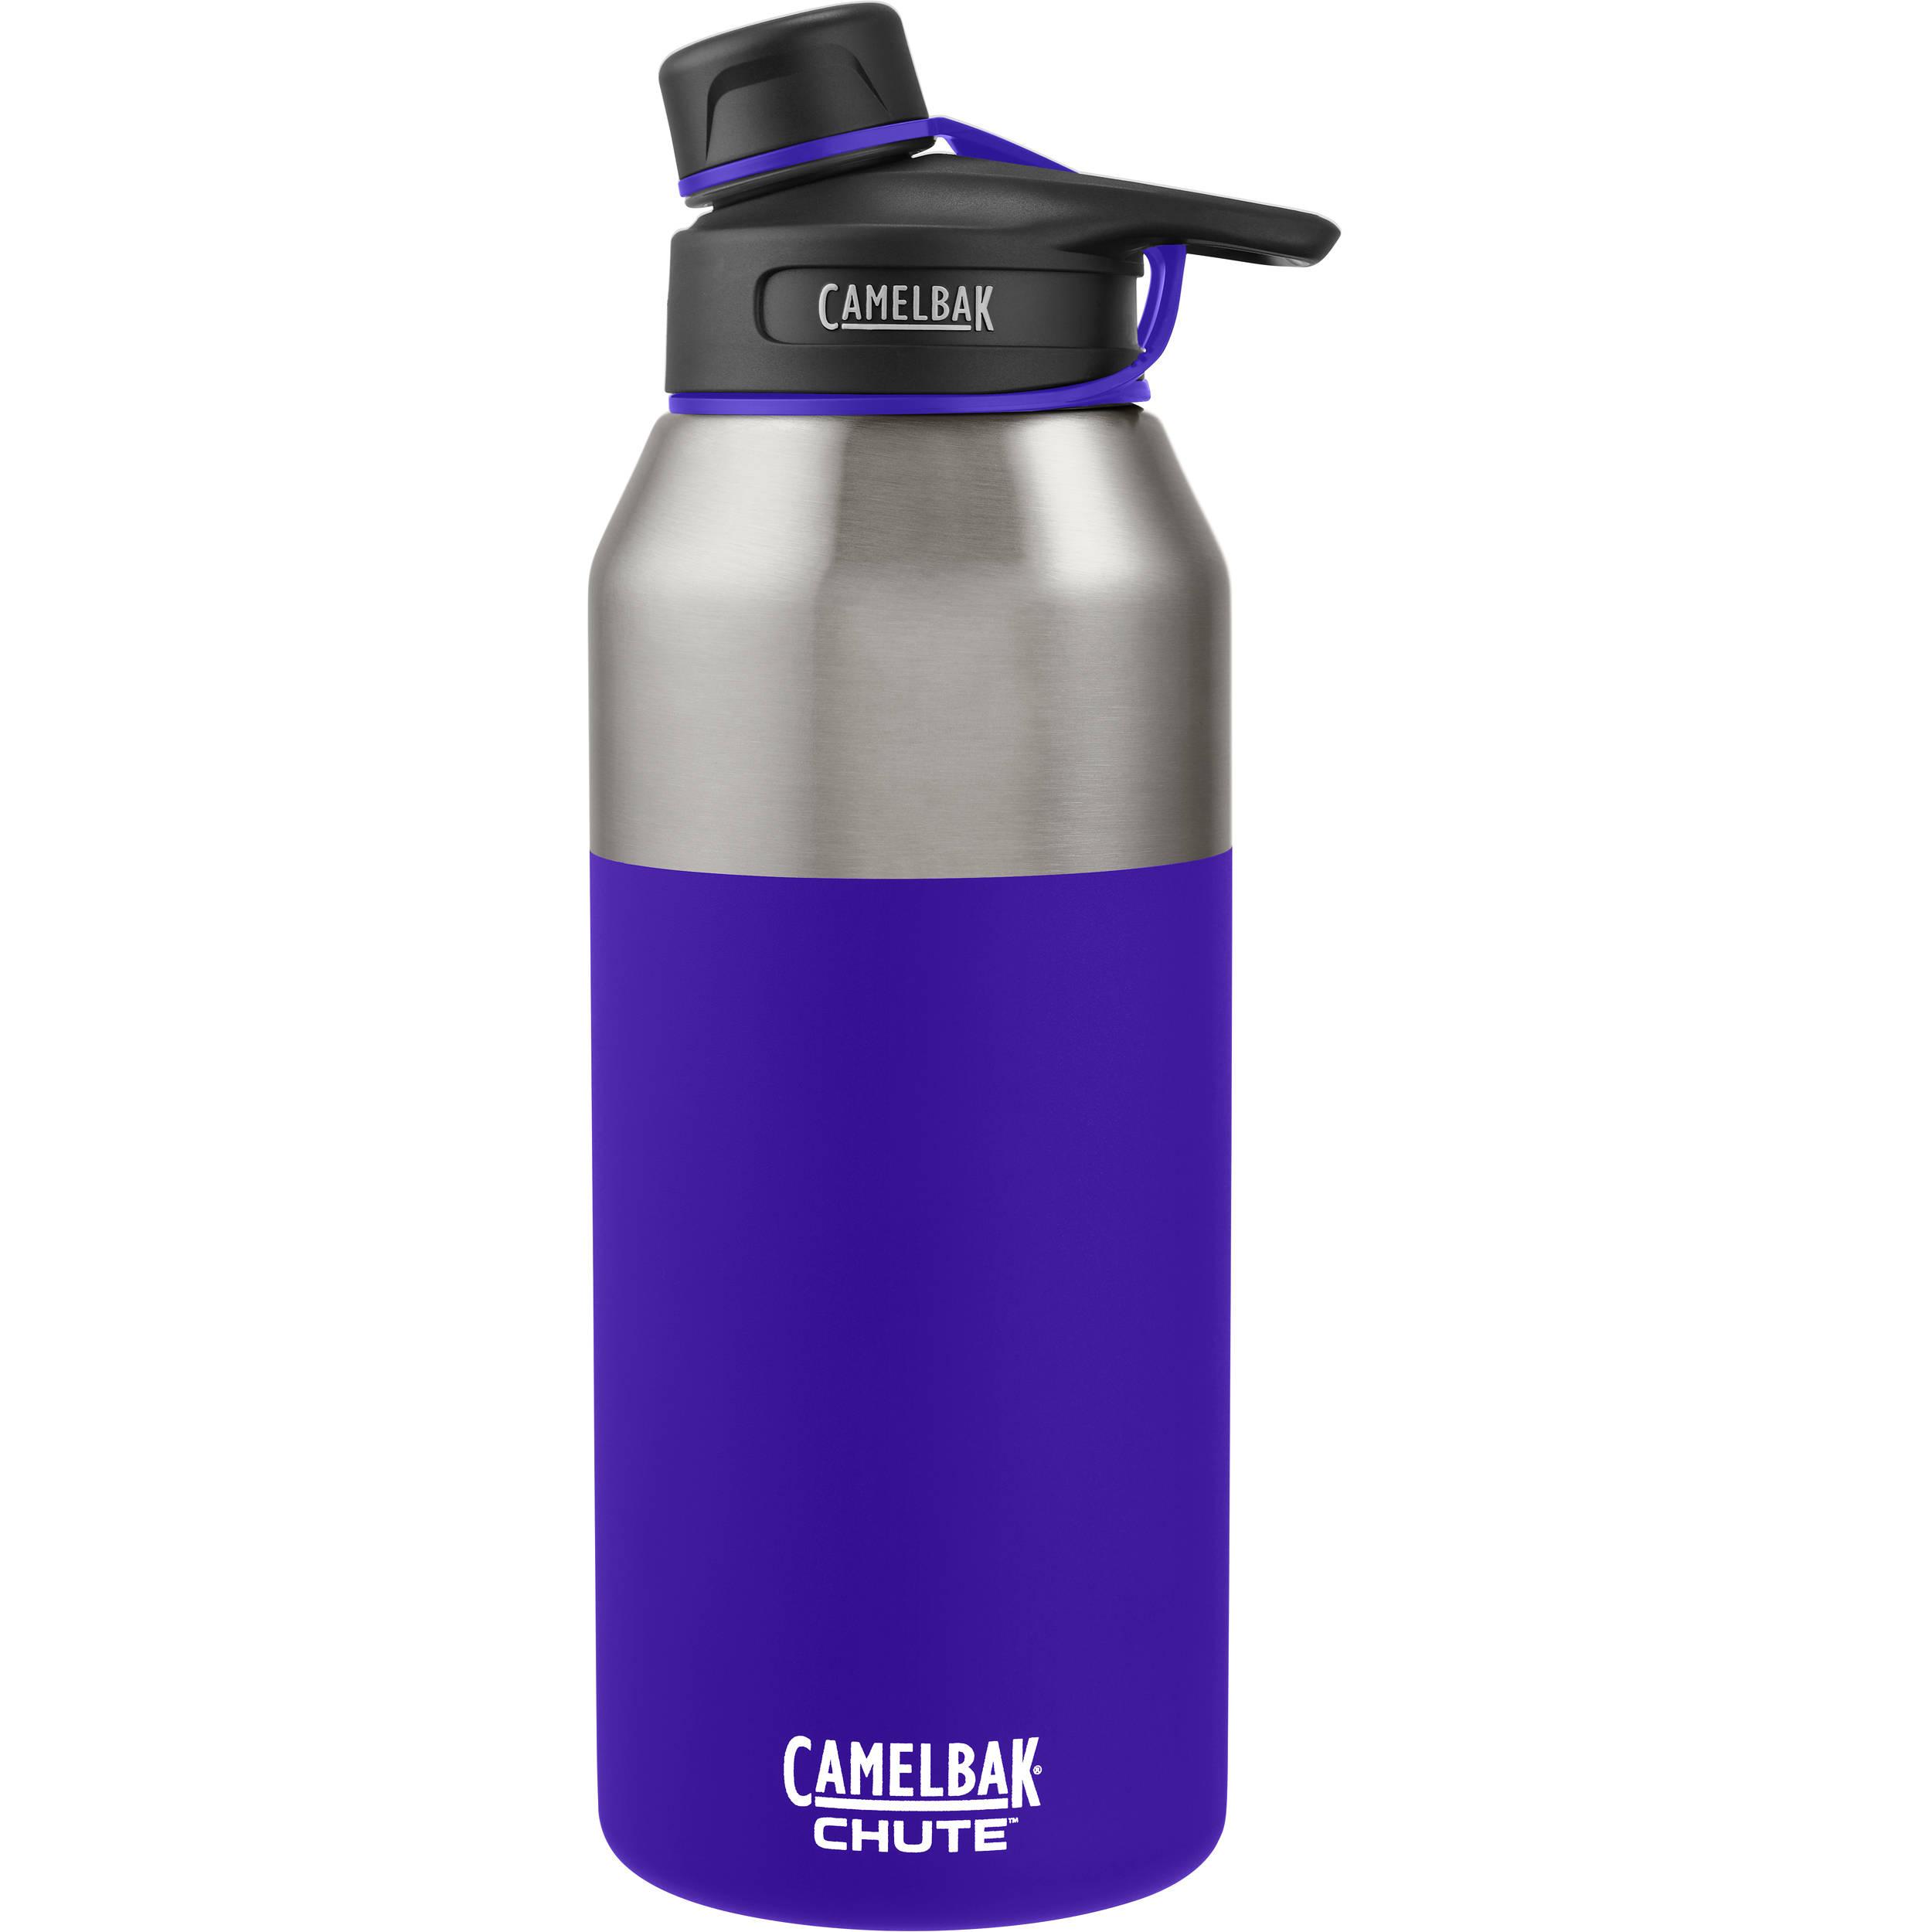 CAMELBAK Chute Vacuum Insulated Stainless Water 1288501012 B&H